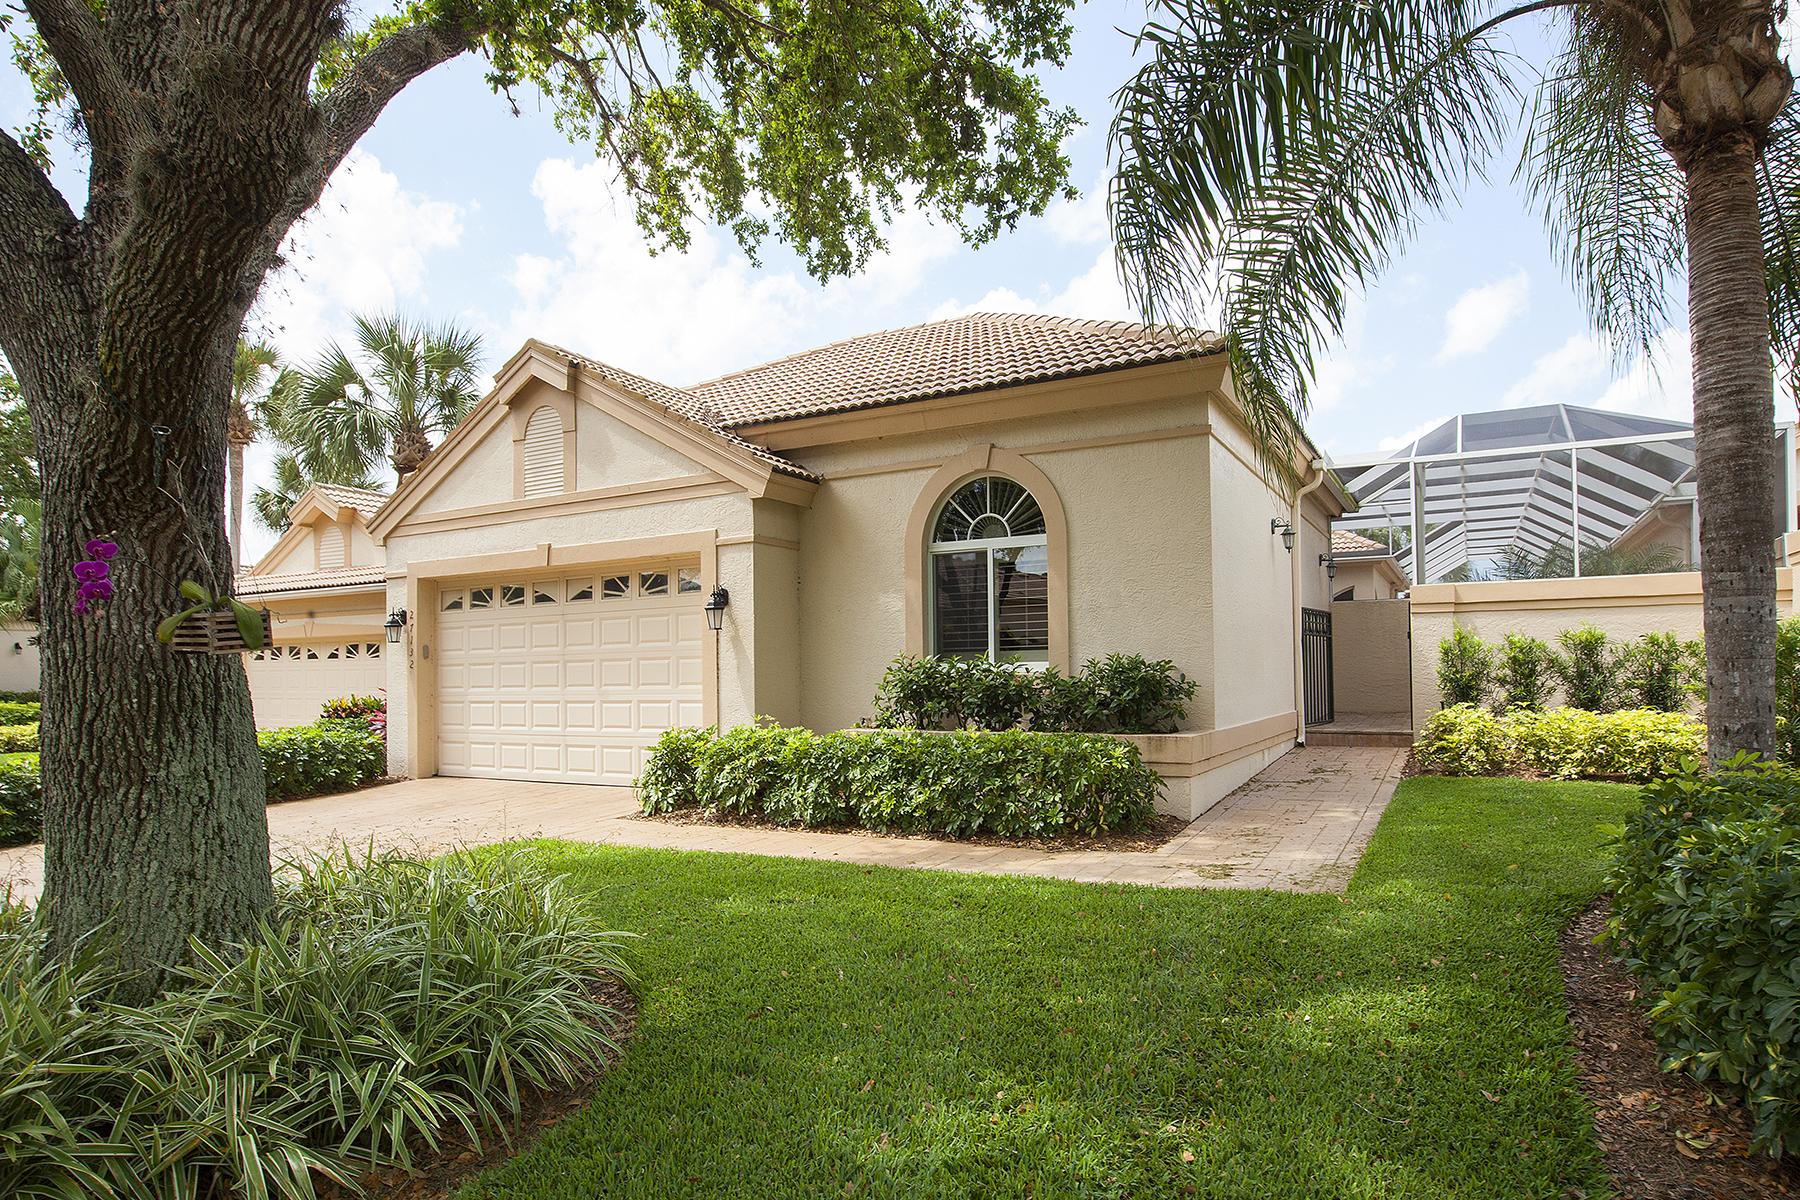 Casa Unifamiliar por un Venta en LOST LAKE - BONITA BAY 27132 Lost Lake Ln Bonita Springs, Florida, 34134 Estados Unidos